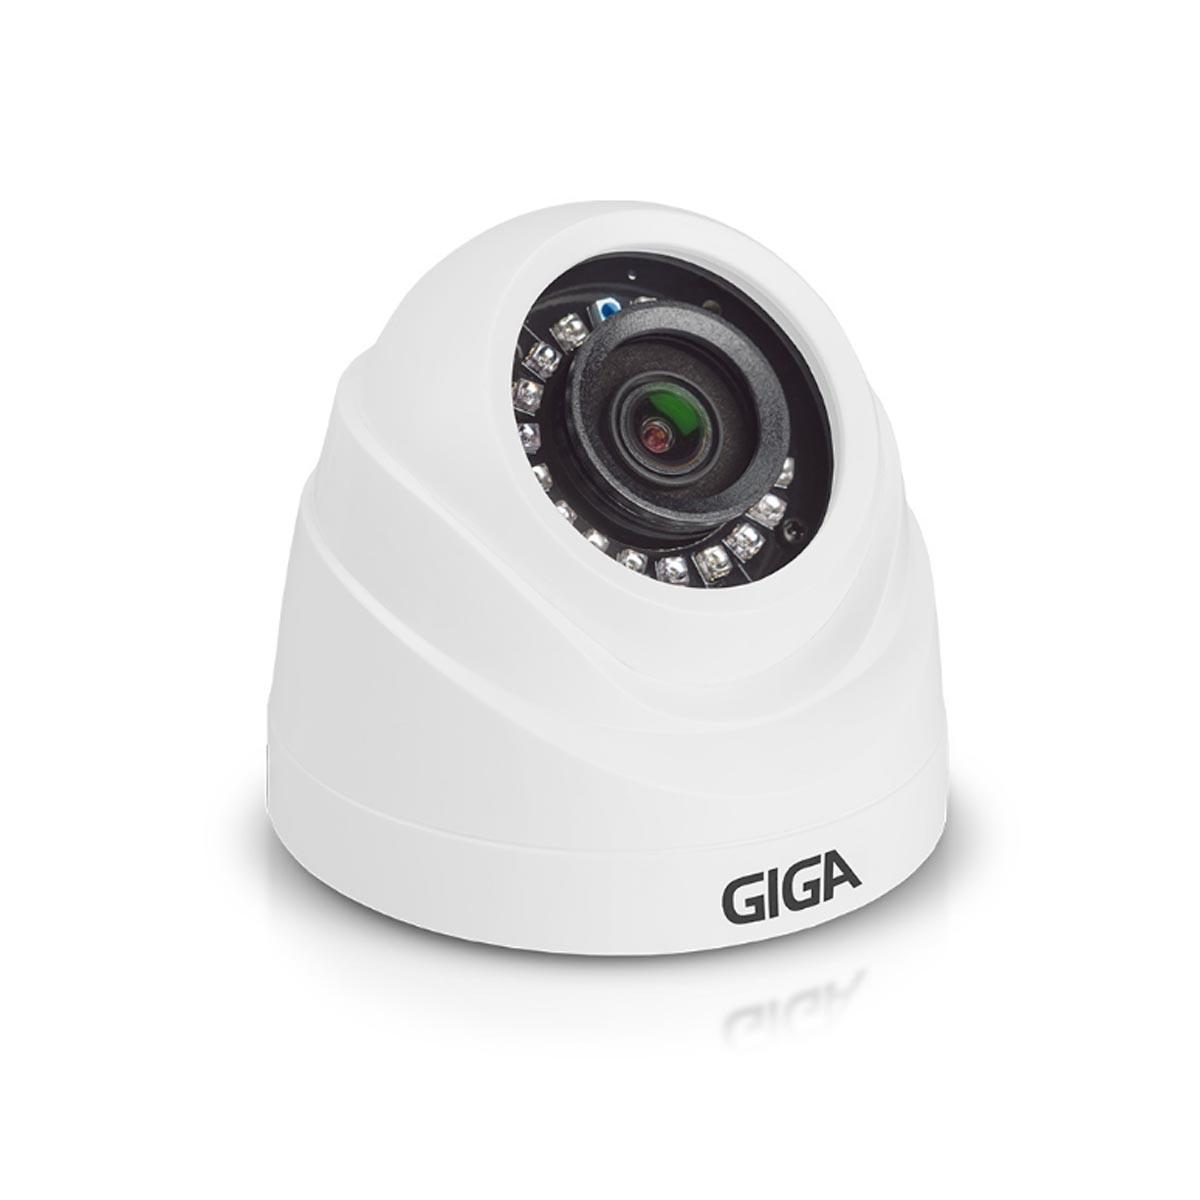 Câmera Dome GIGA Hd Serie Orion 720p Ir 20m 1/4 2.6mm GS0019